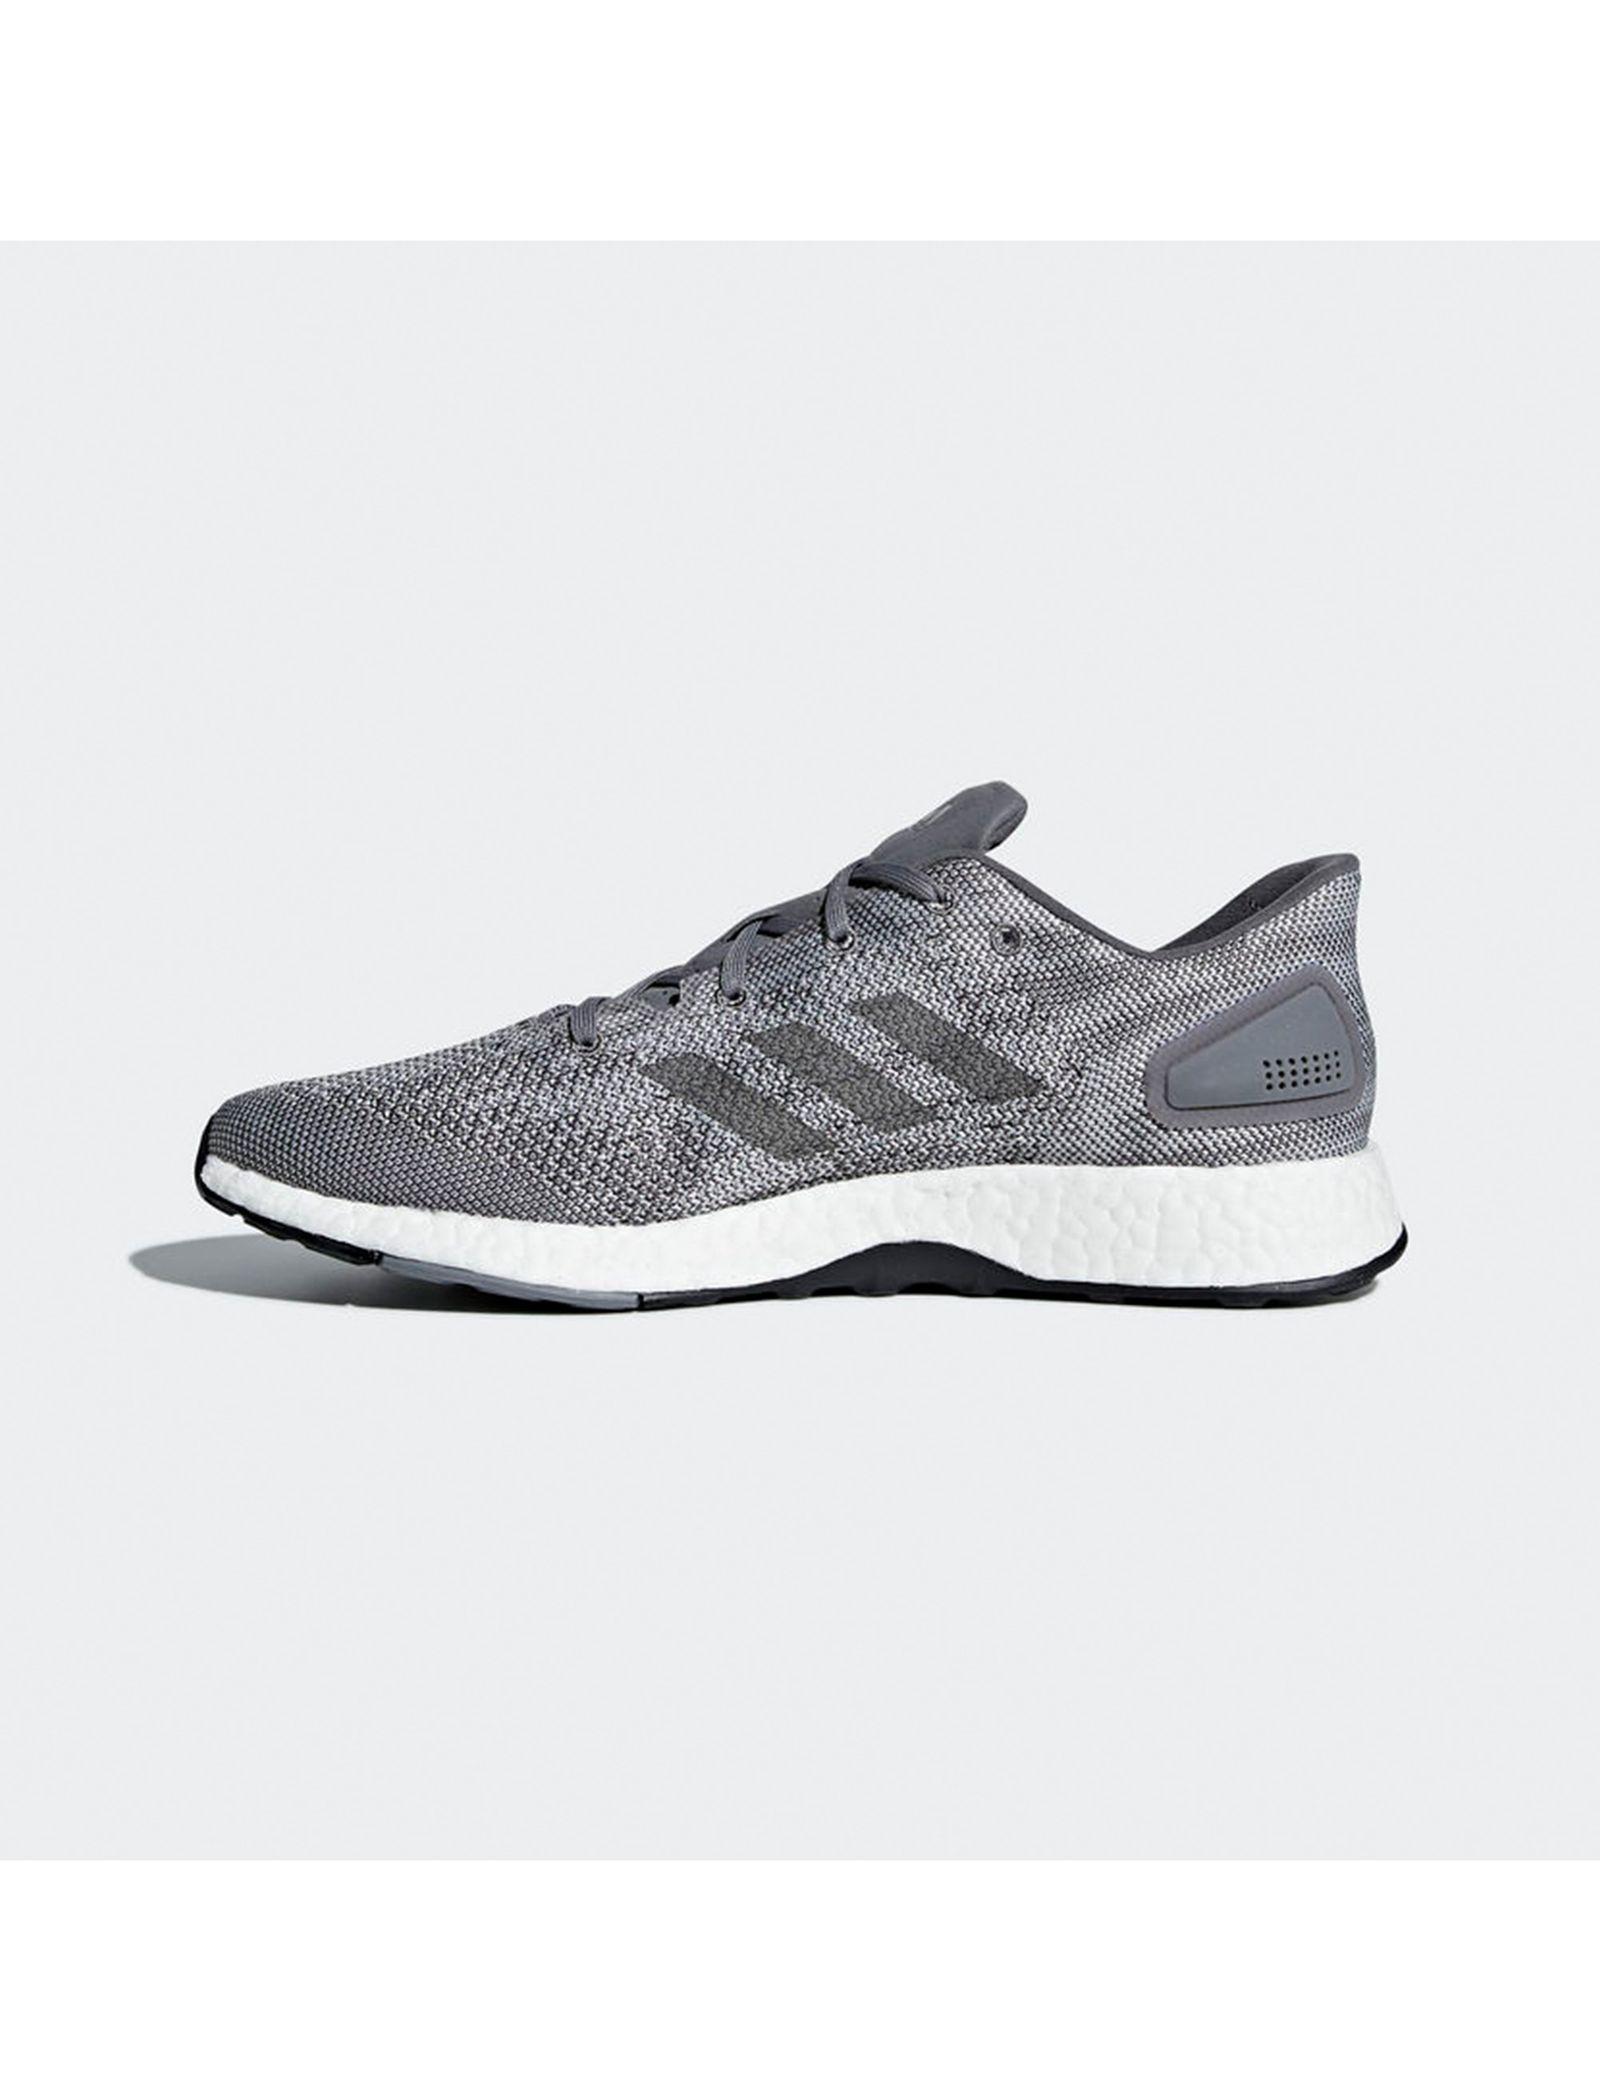 کفش مخصوص دویدن مردانه آدیداس مدل Pureboost DPR - طوسي - 4